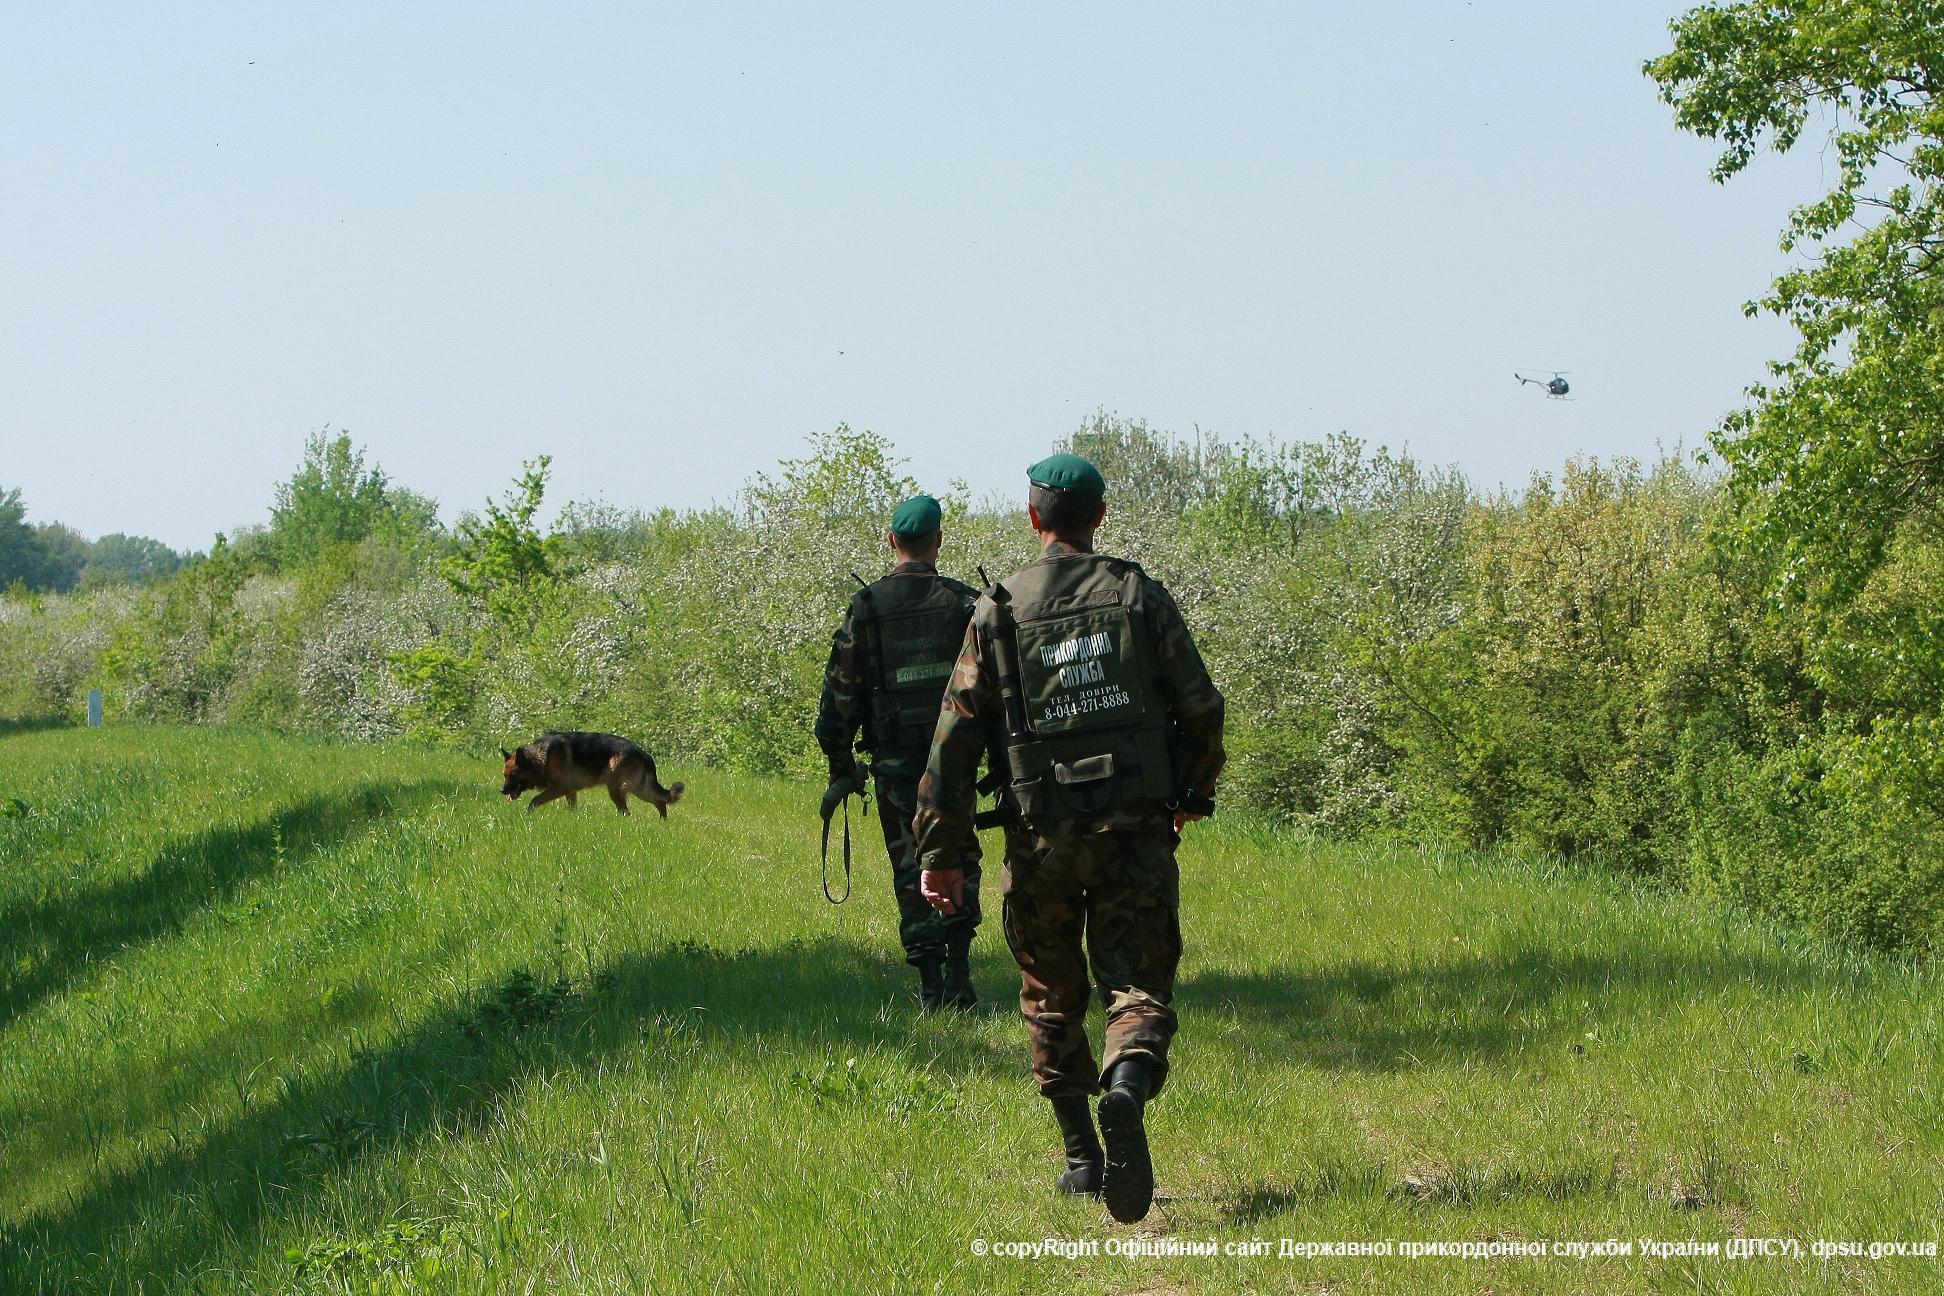 Жителі Придністров'я порушили кордон в пошуках роботи / dpsu.gov.ua